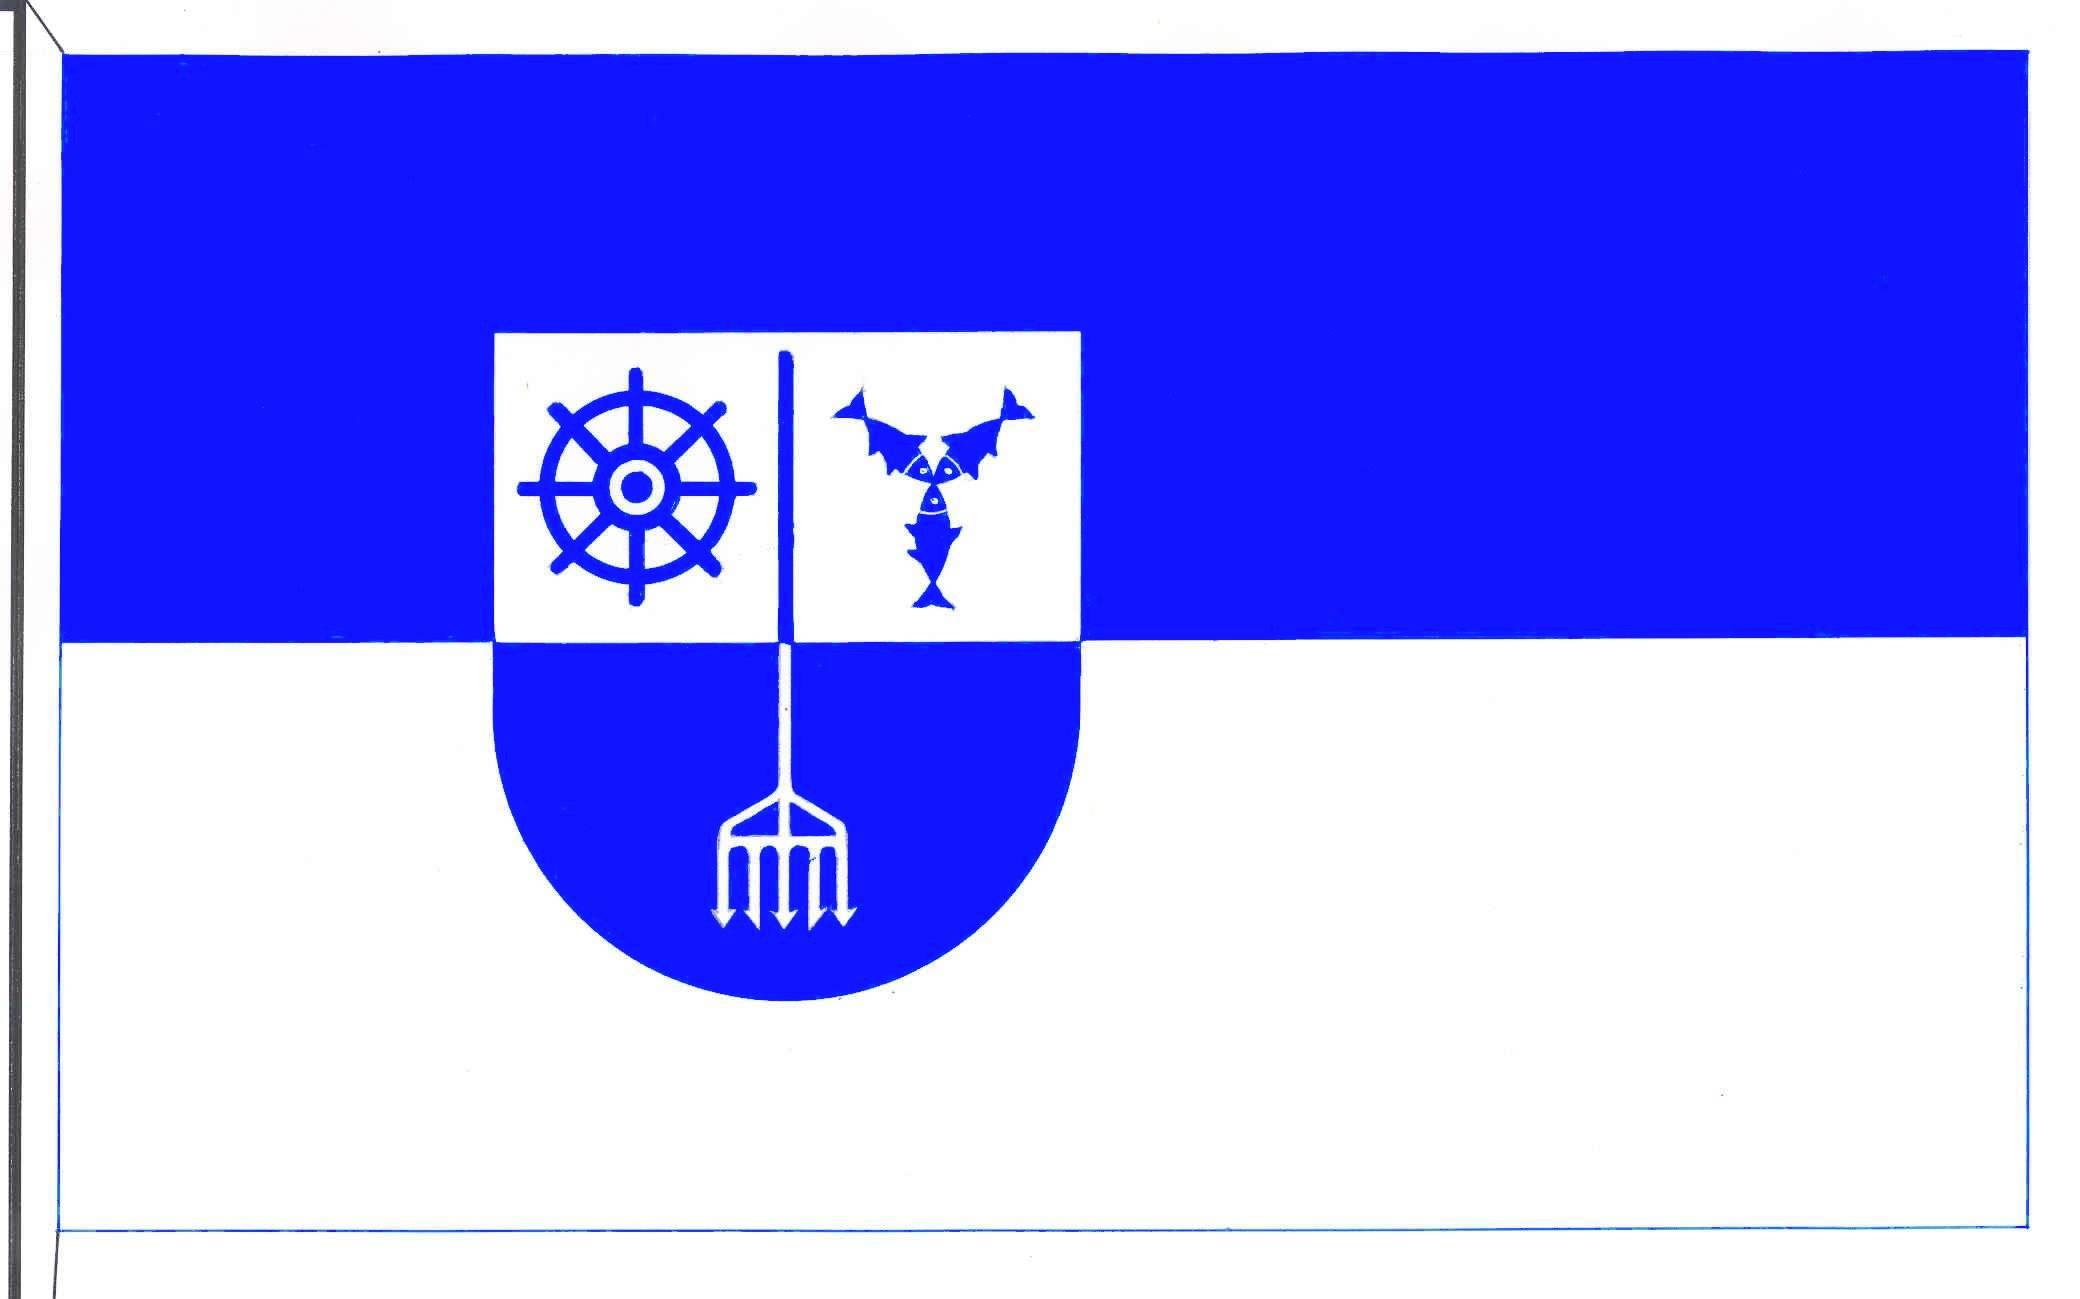 Flagge GemeindeMaasholm, Kreis Schleswig-Flensburg